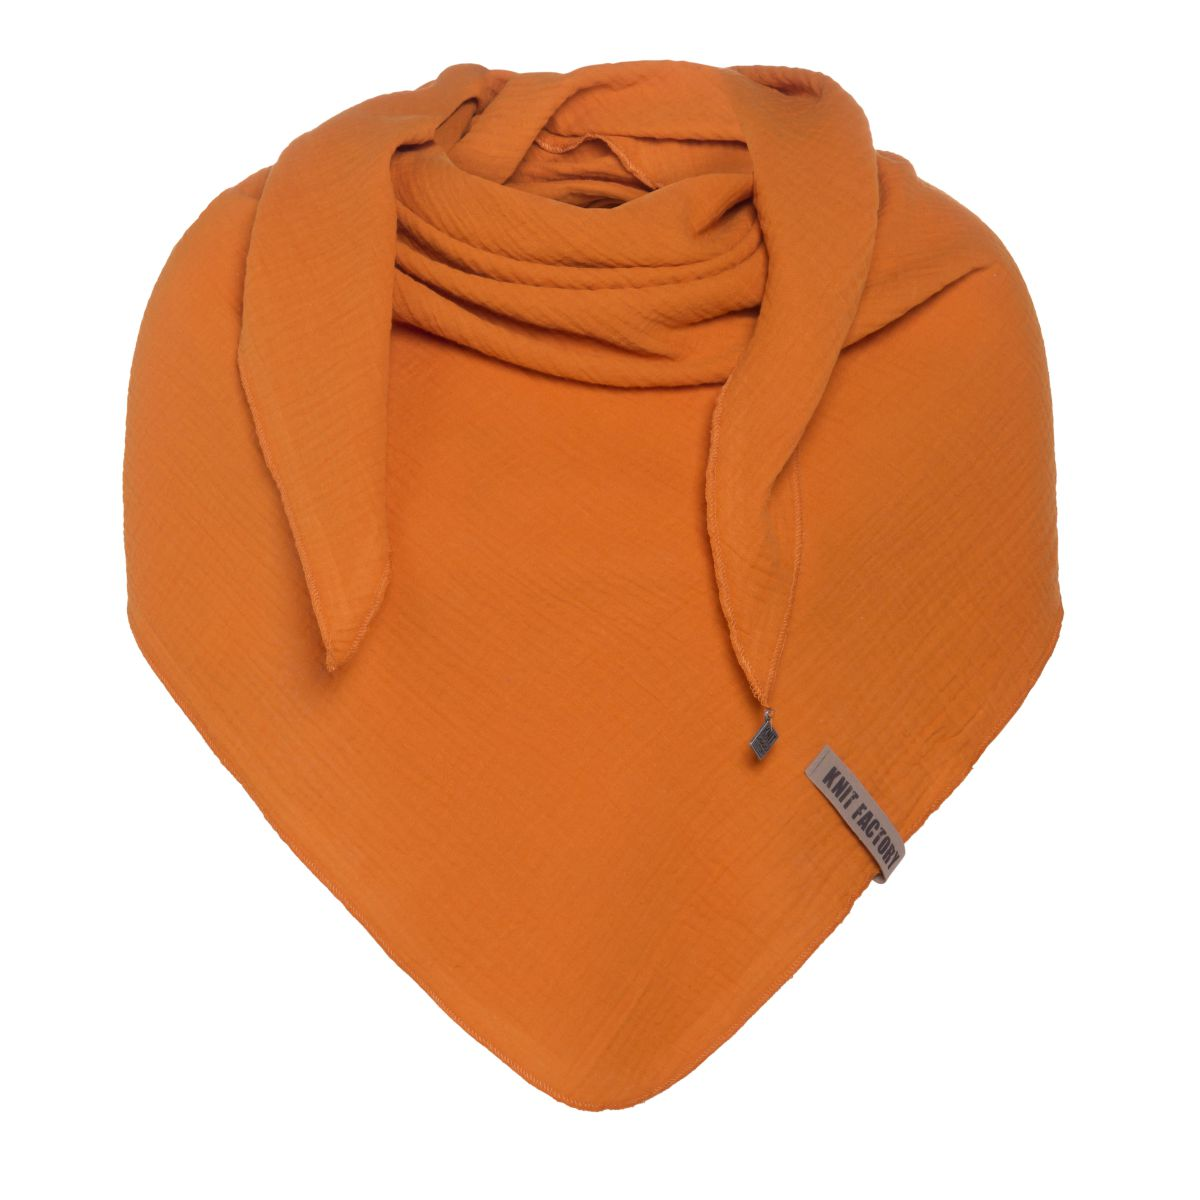 knit factory kf128060036 liv omslagdoek roest 1